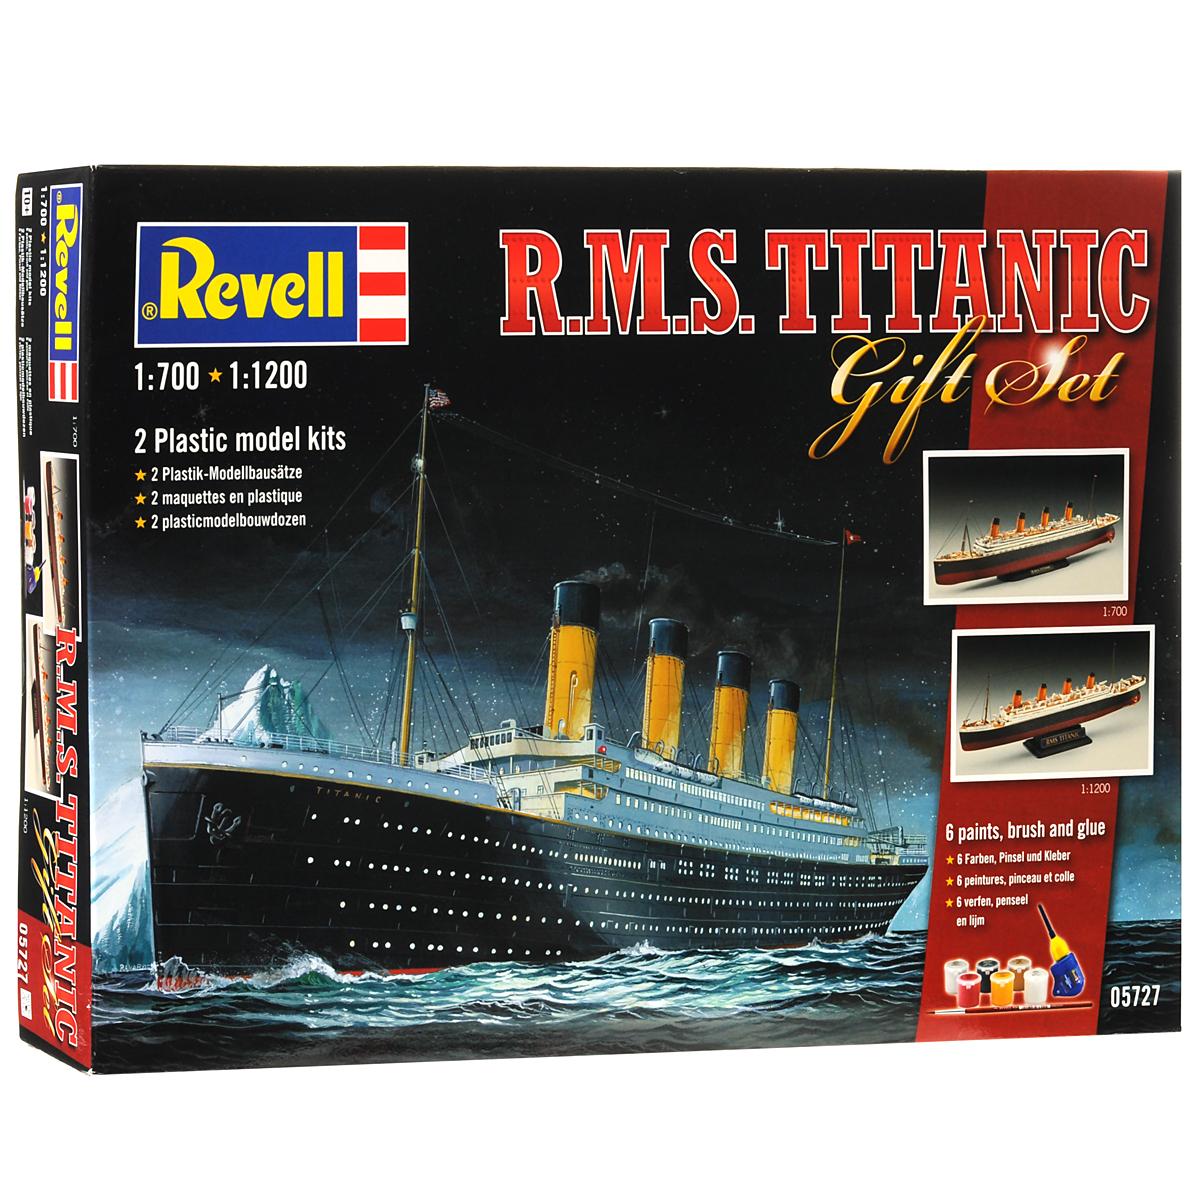 Revell Набор для сборки и раскрашивания Корабль R.M.S Titanic 2 шт05727С помощью набора Revell Корабль R.M.S Titanic вы и ваш ребенок сможете собрать уменьшенную копию одноименного знаменитого корабля и раскрасить ее. Титаник (R.M.S. Titanic) - английский пароход произведенный компанией Уайт Стар Лайн, был вторым из трех кораблей-близнецов типа Олимпик. Самый большой пассажирский лайнер мира в свое время. Известен своим печальным первым и единственным рейсом -14 апреля 1912 года, во время которого столкнулся с айсбергом и в течении 2 часов 40 минут затонул. В тот момент на корабле находилось 908 членов экипажа, 1316 пассажиров, всего 2224 человека. Спастись смогли только 711 человек, 1513 погибло. Крушение Титаника стало легендарным, на основе этих событий было снято множество художественных фильмов. Набор включает в себя 2 комплекта пластиковых элементов по 132 и 40 штук для сборки двух моделей, краски пяти цветов, клей, кисточку и схематичную инструкцию по сборке. Благодаря набору ваш ребенок научится...